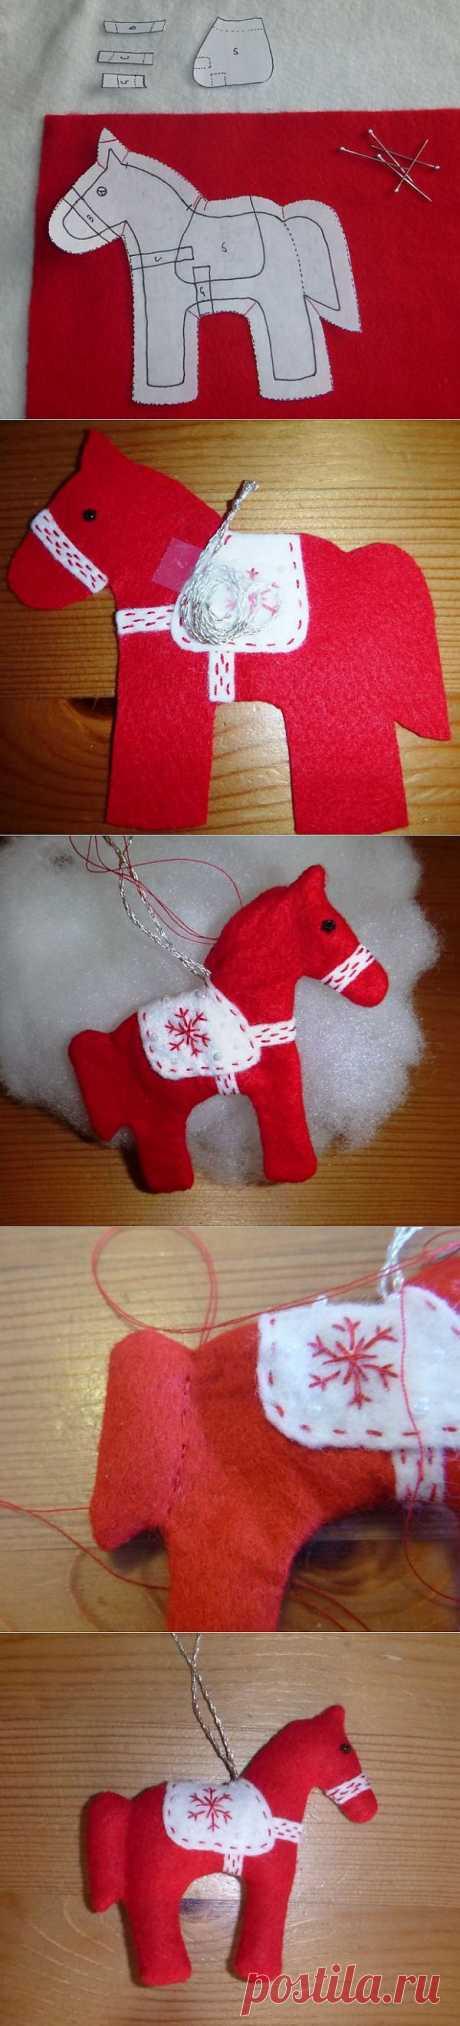 (+1) - Готовимся к новому году: елочная игрушка лошадка своими руками   Полезные советы